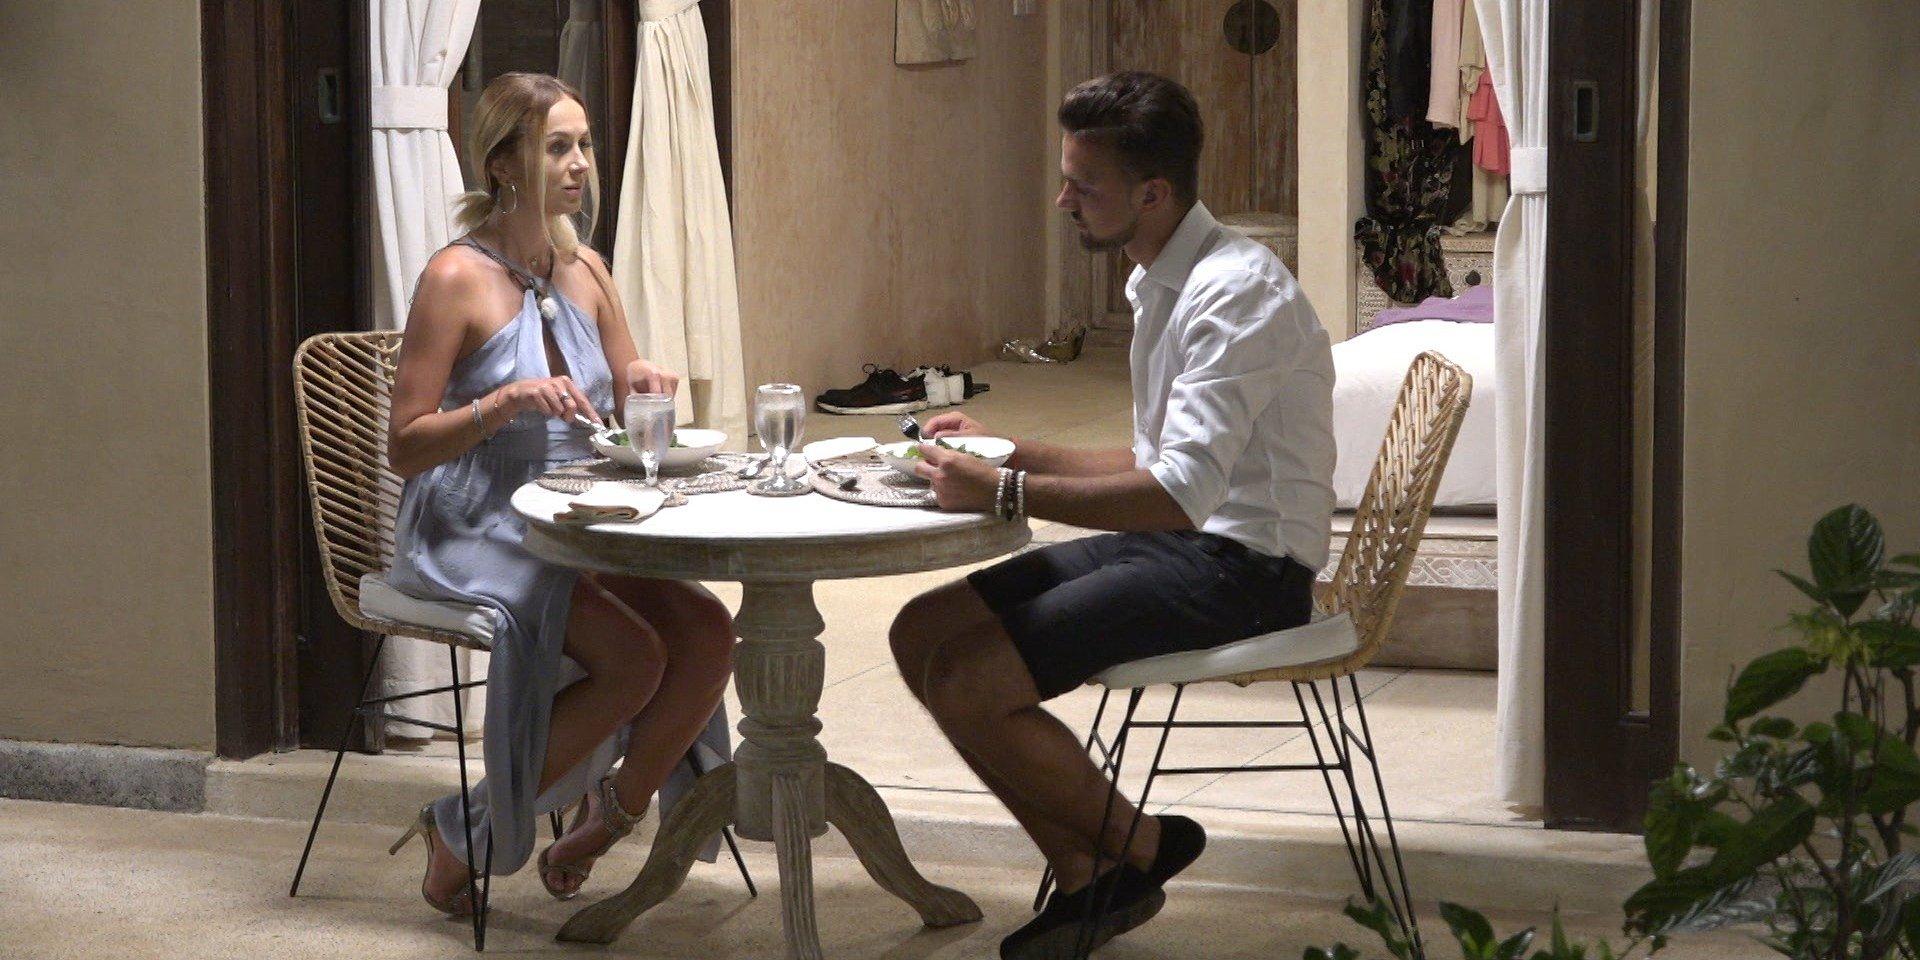 Hotel Paradise 2 - szczere rozmowy w Rajskim Hotelu! (zapowiedź odcinka 23)